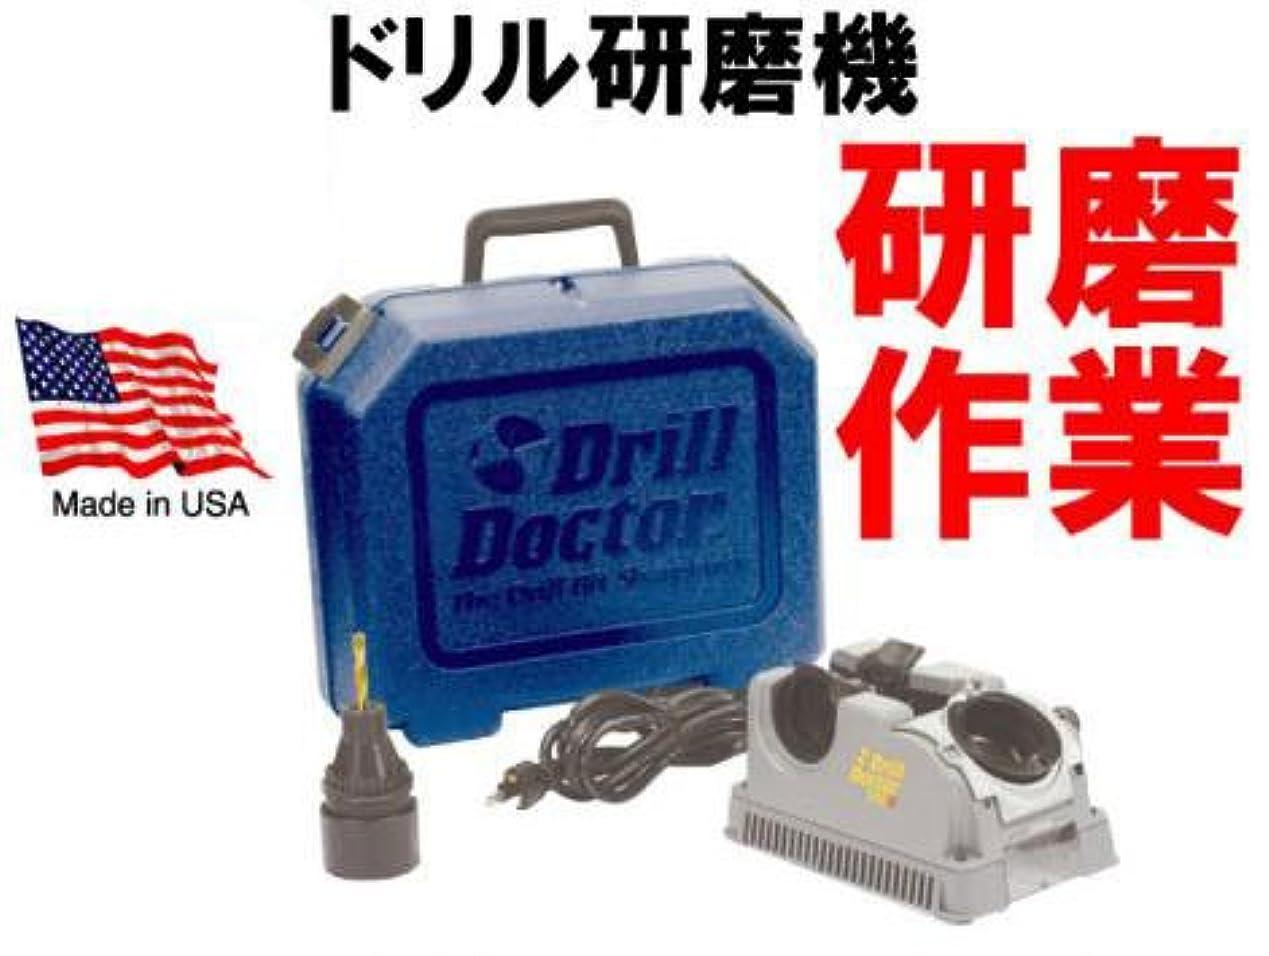 分類する鉄道複製するCKDremel ドレメルCKDR-01 3-Tool Combo Kit (並行輸入品)